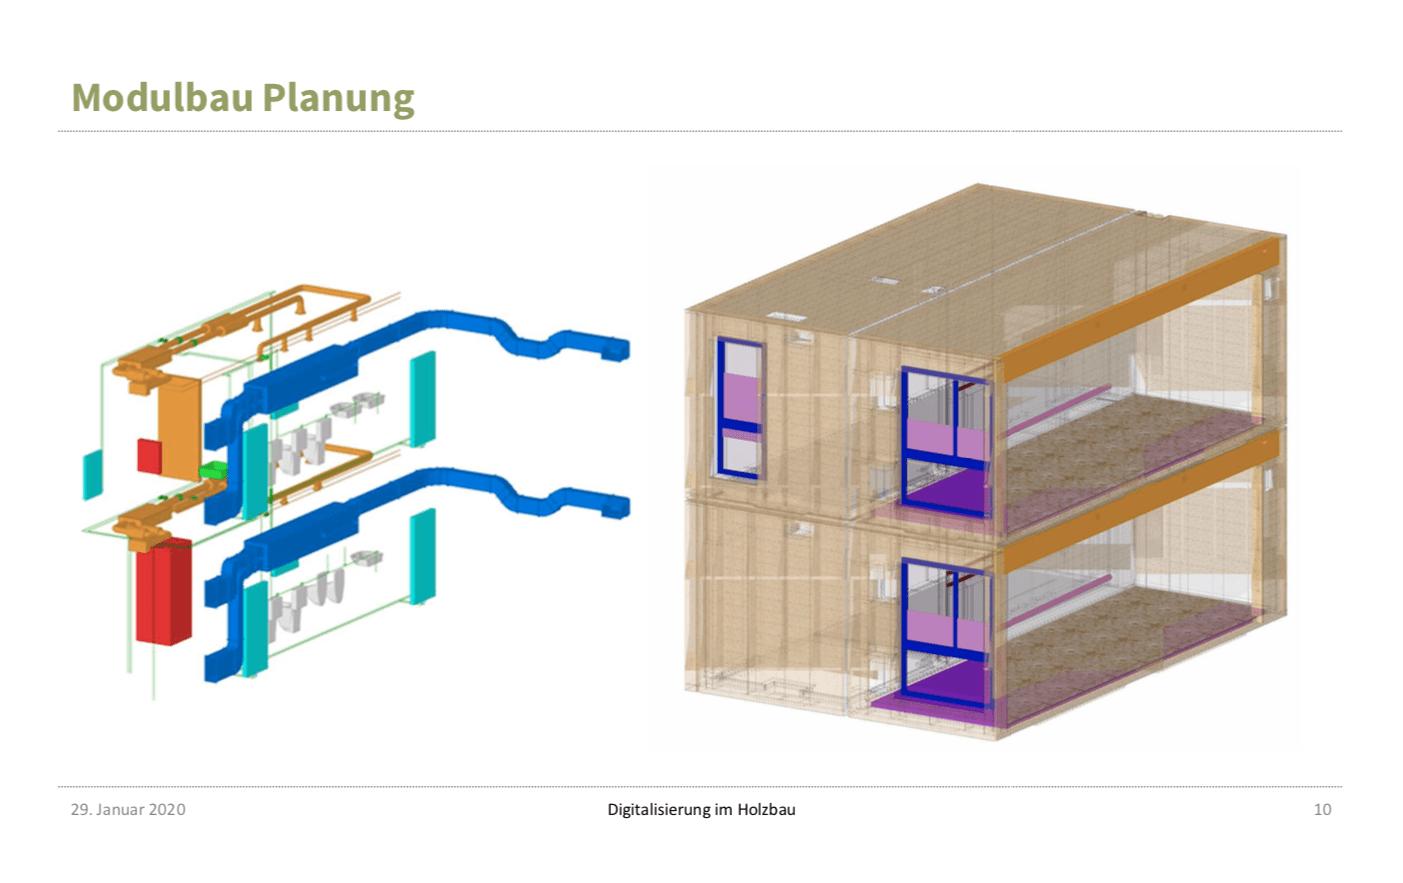 Modulbauplanung in 3D: Ansichten eines BIM-Modells aus dem Vortrag von Gerd Prause (Abbildung: Prause Holzbauplanung)